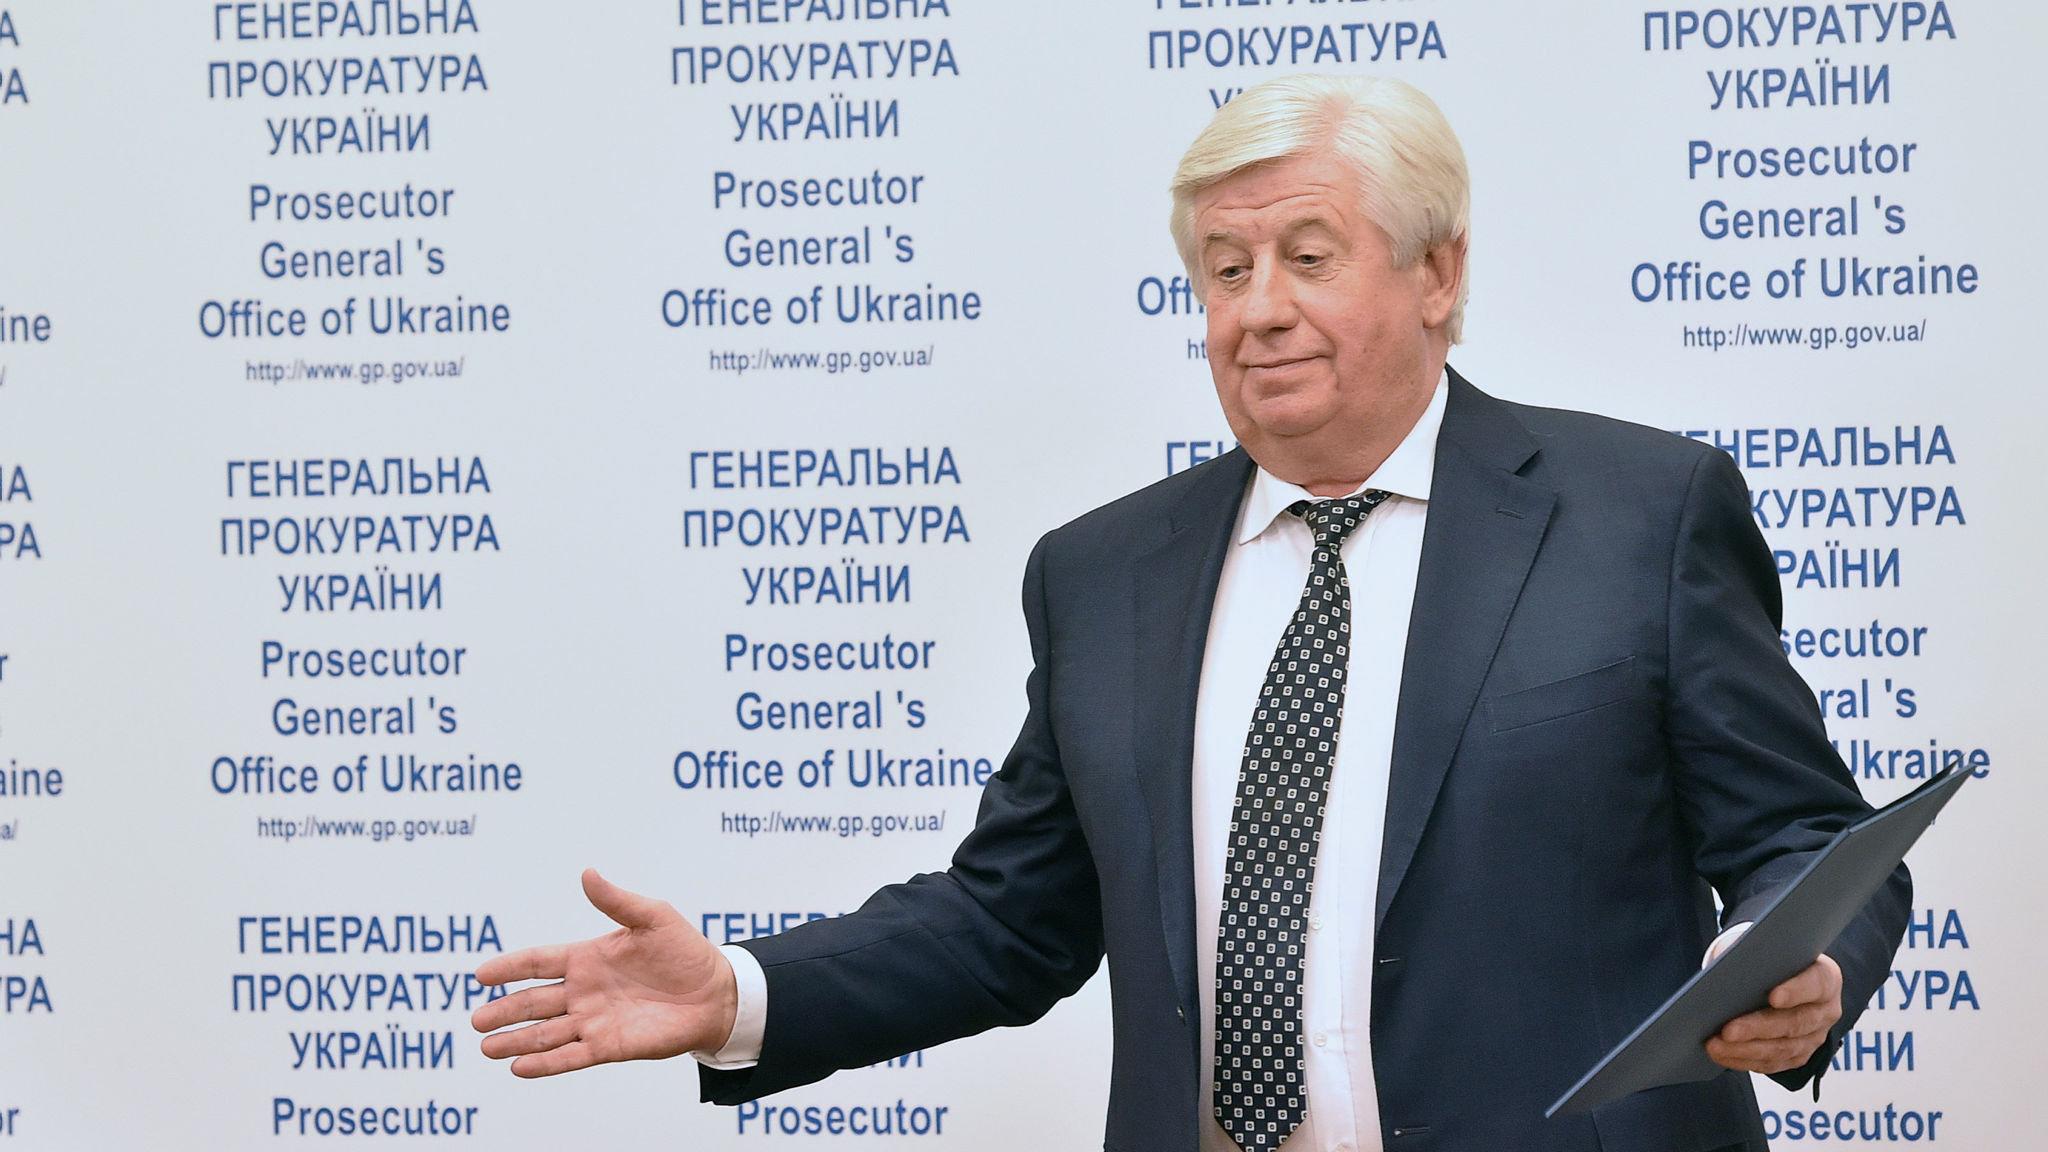 Envoys pushed to oust Ukraine prosecutor before Biden